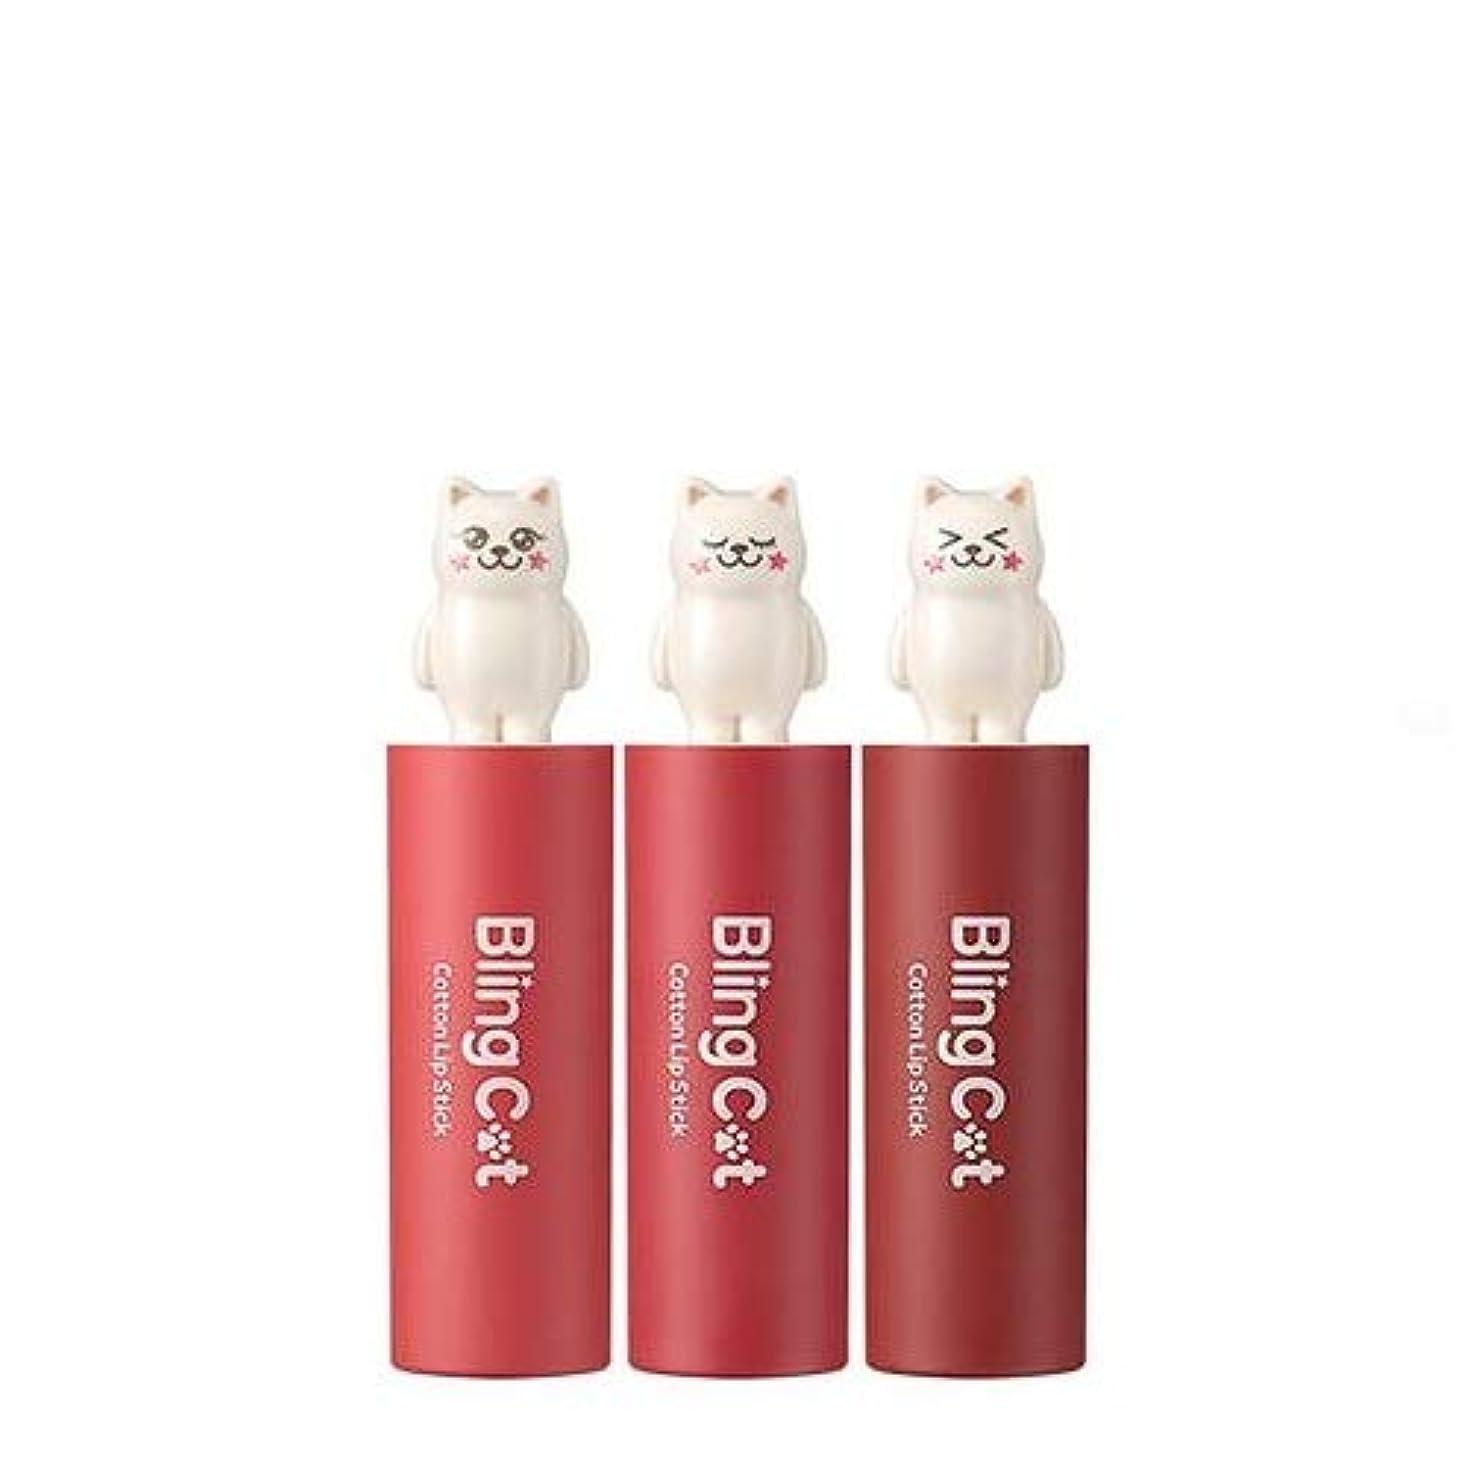 バレーボール絶え間ない存在するトニーモリー ブリングキャット コットン リップスティック 3.4g / TONYMOLY Bling Cat Cotton Lipstick # 02. Heroine Pink [並行輸入品]